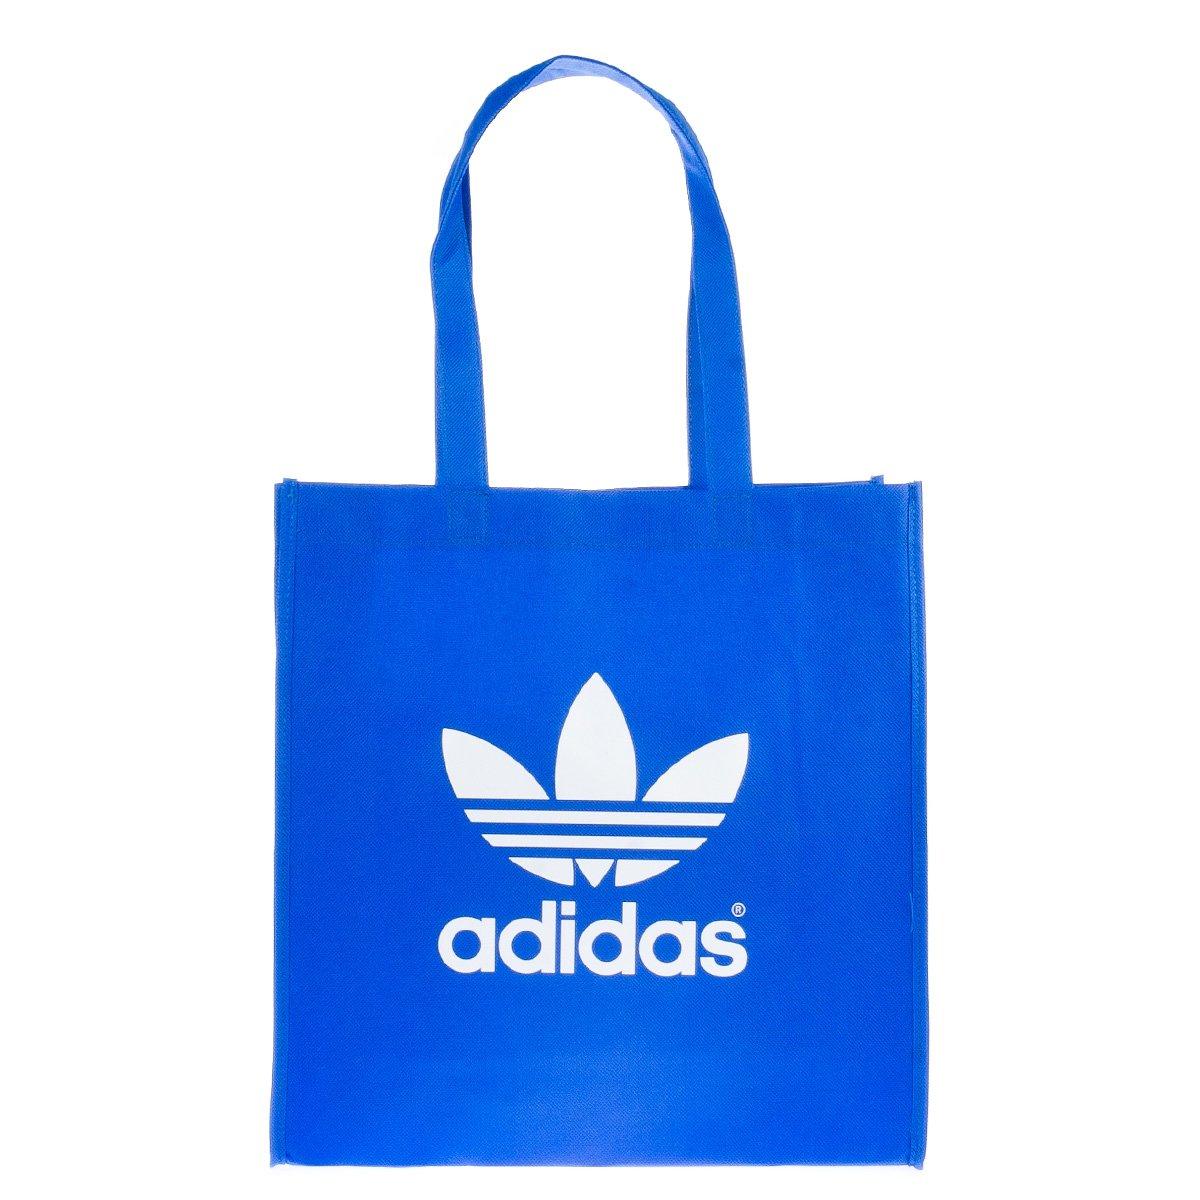 adidas Adicolor Originals bolso de la compra azul tamaño: un tamaño 41592